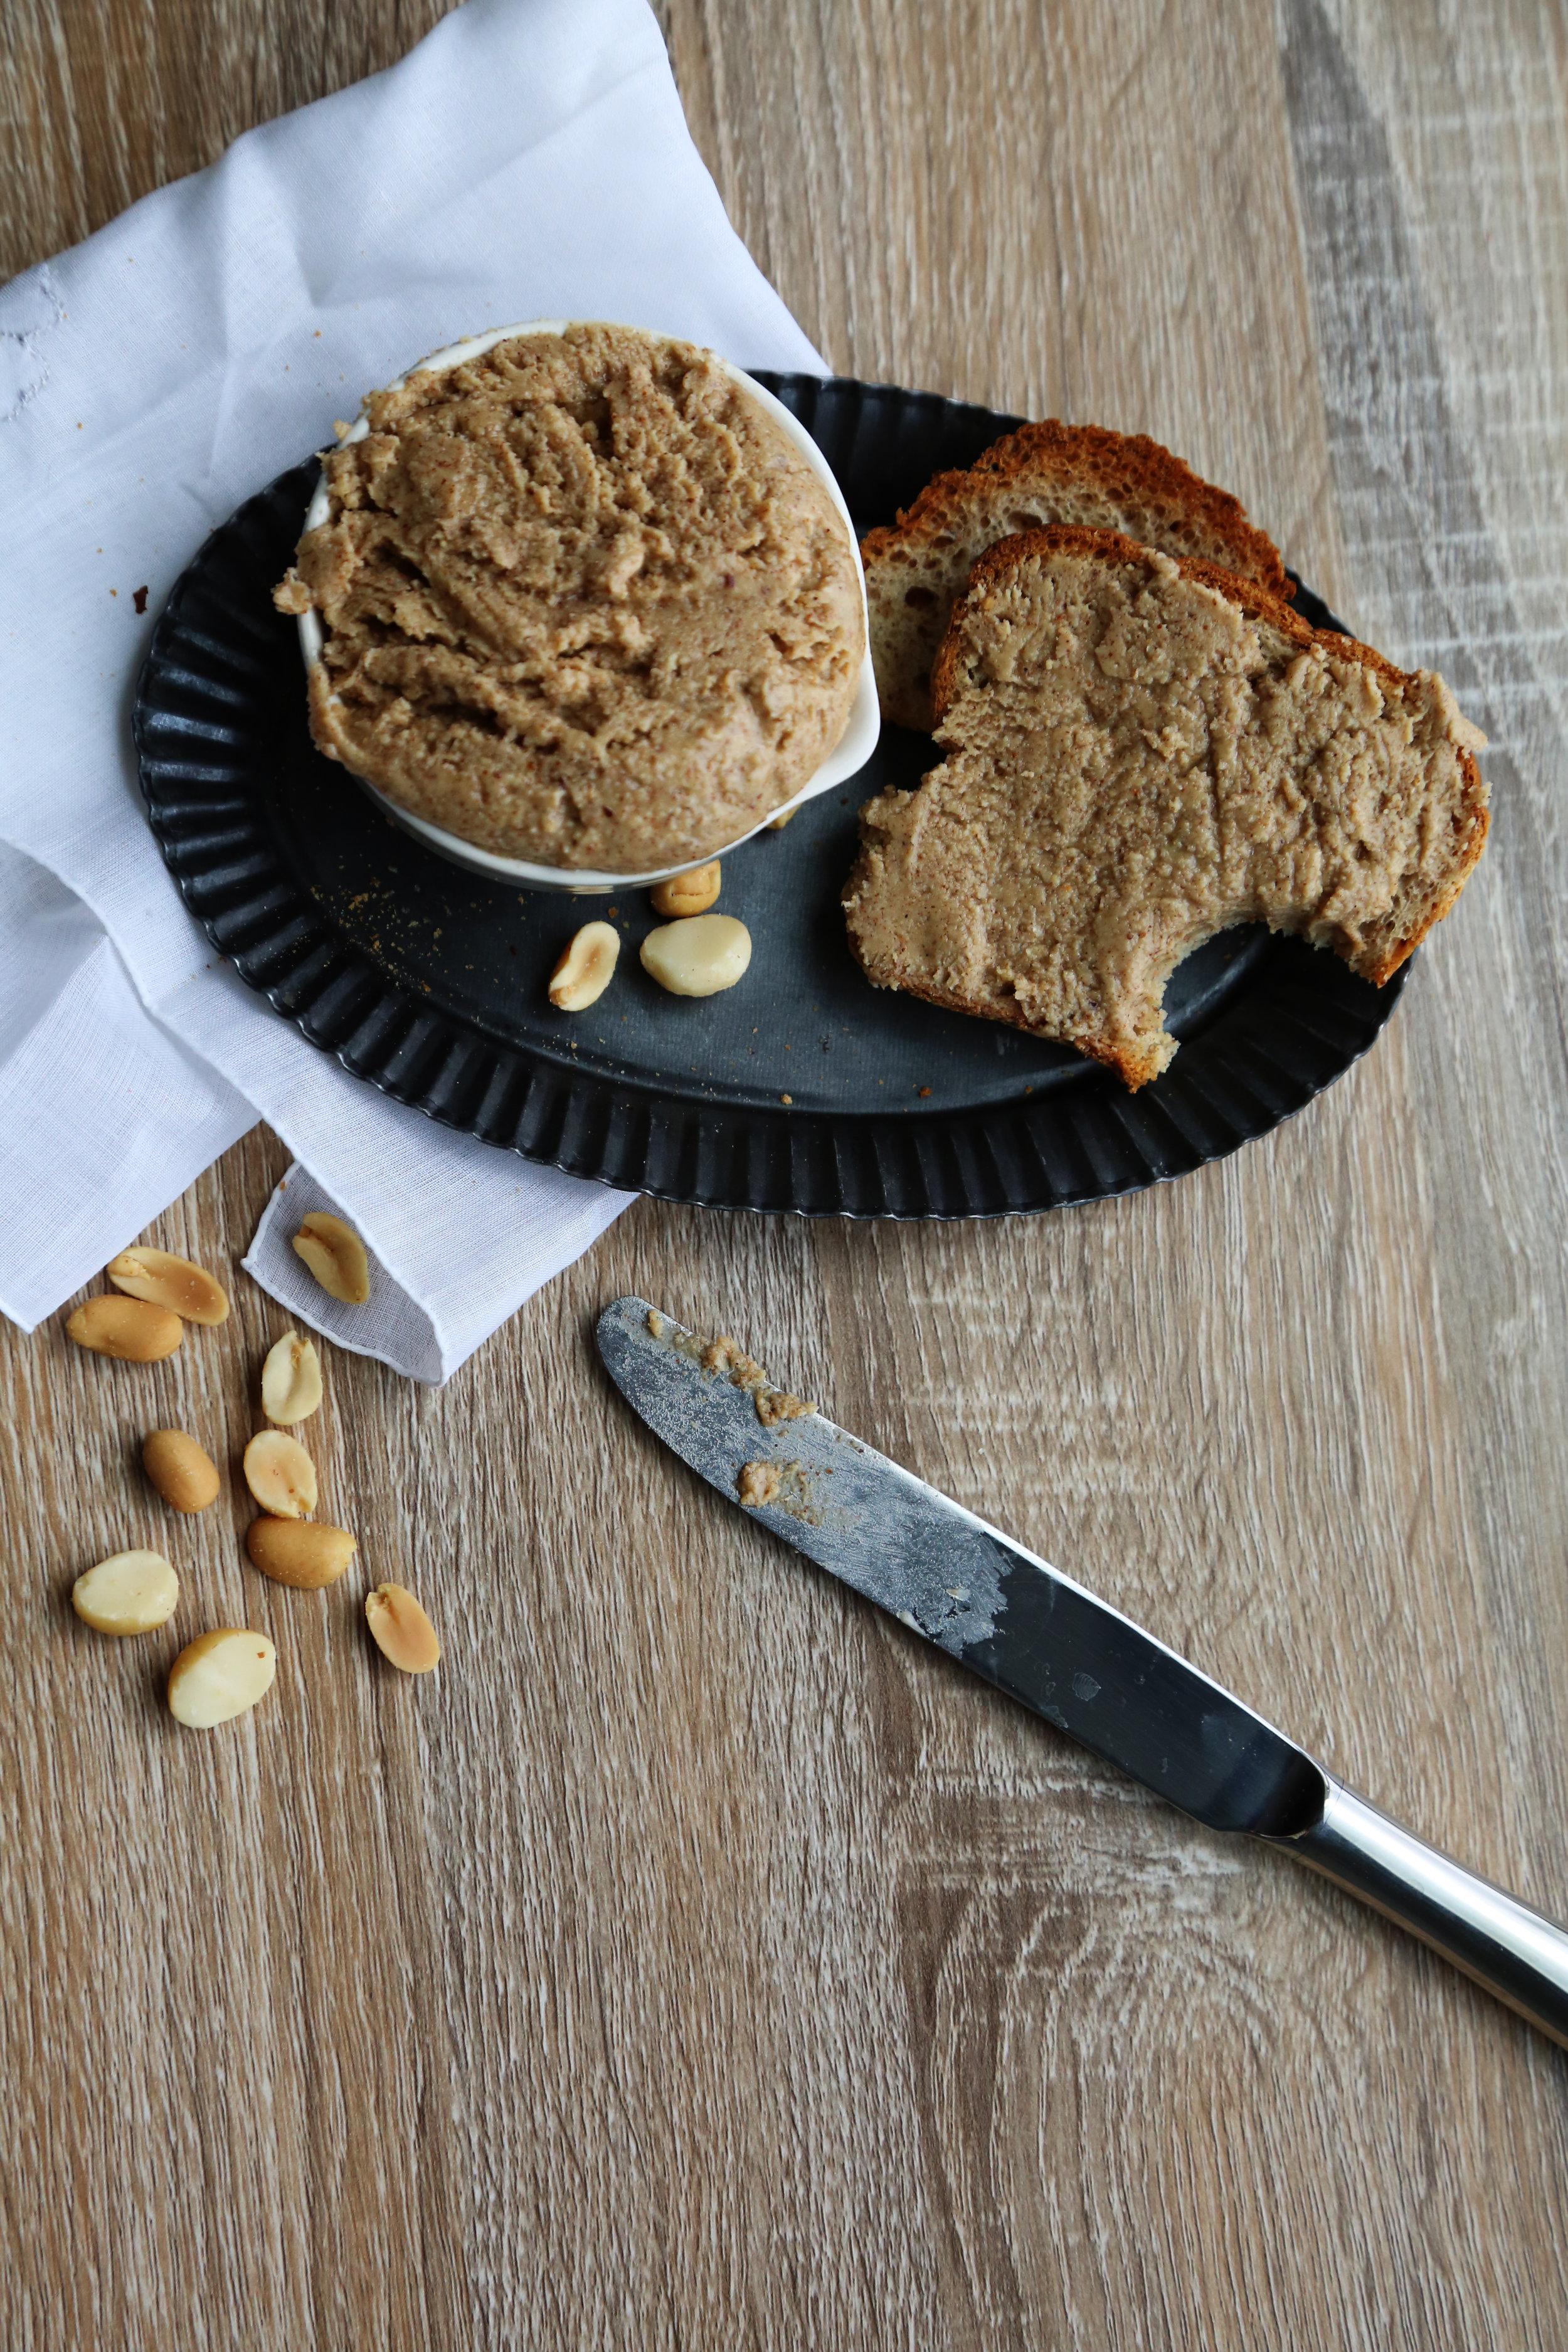 fp_mixed_nut_butter_07.JPG